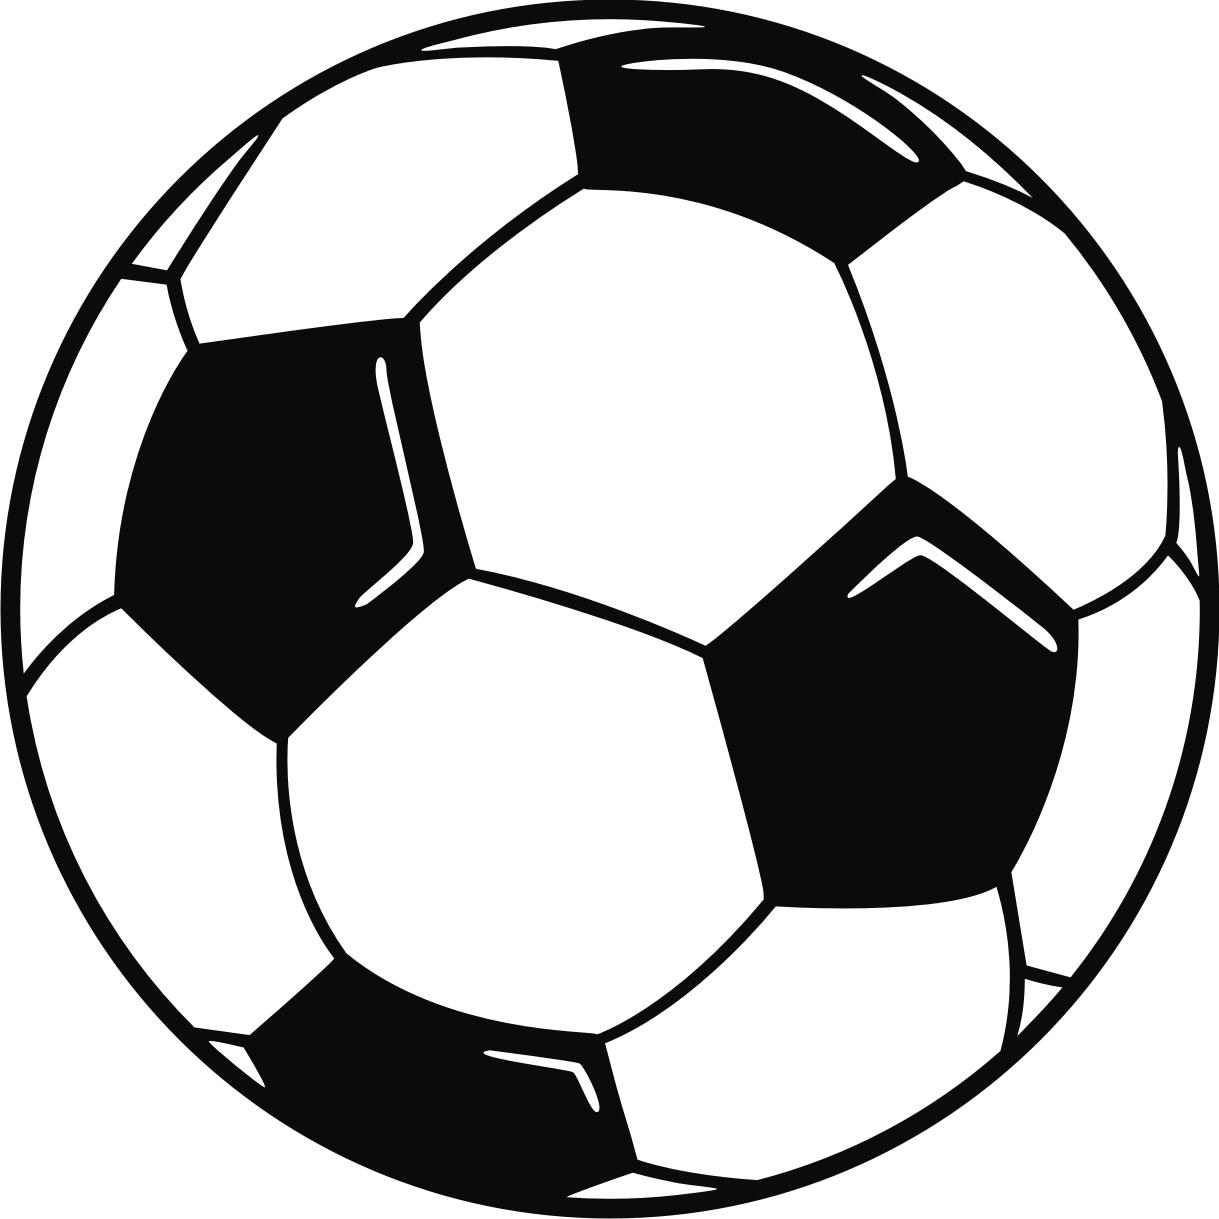 1219x1219 Soccer Ball Clipart